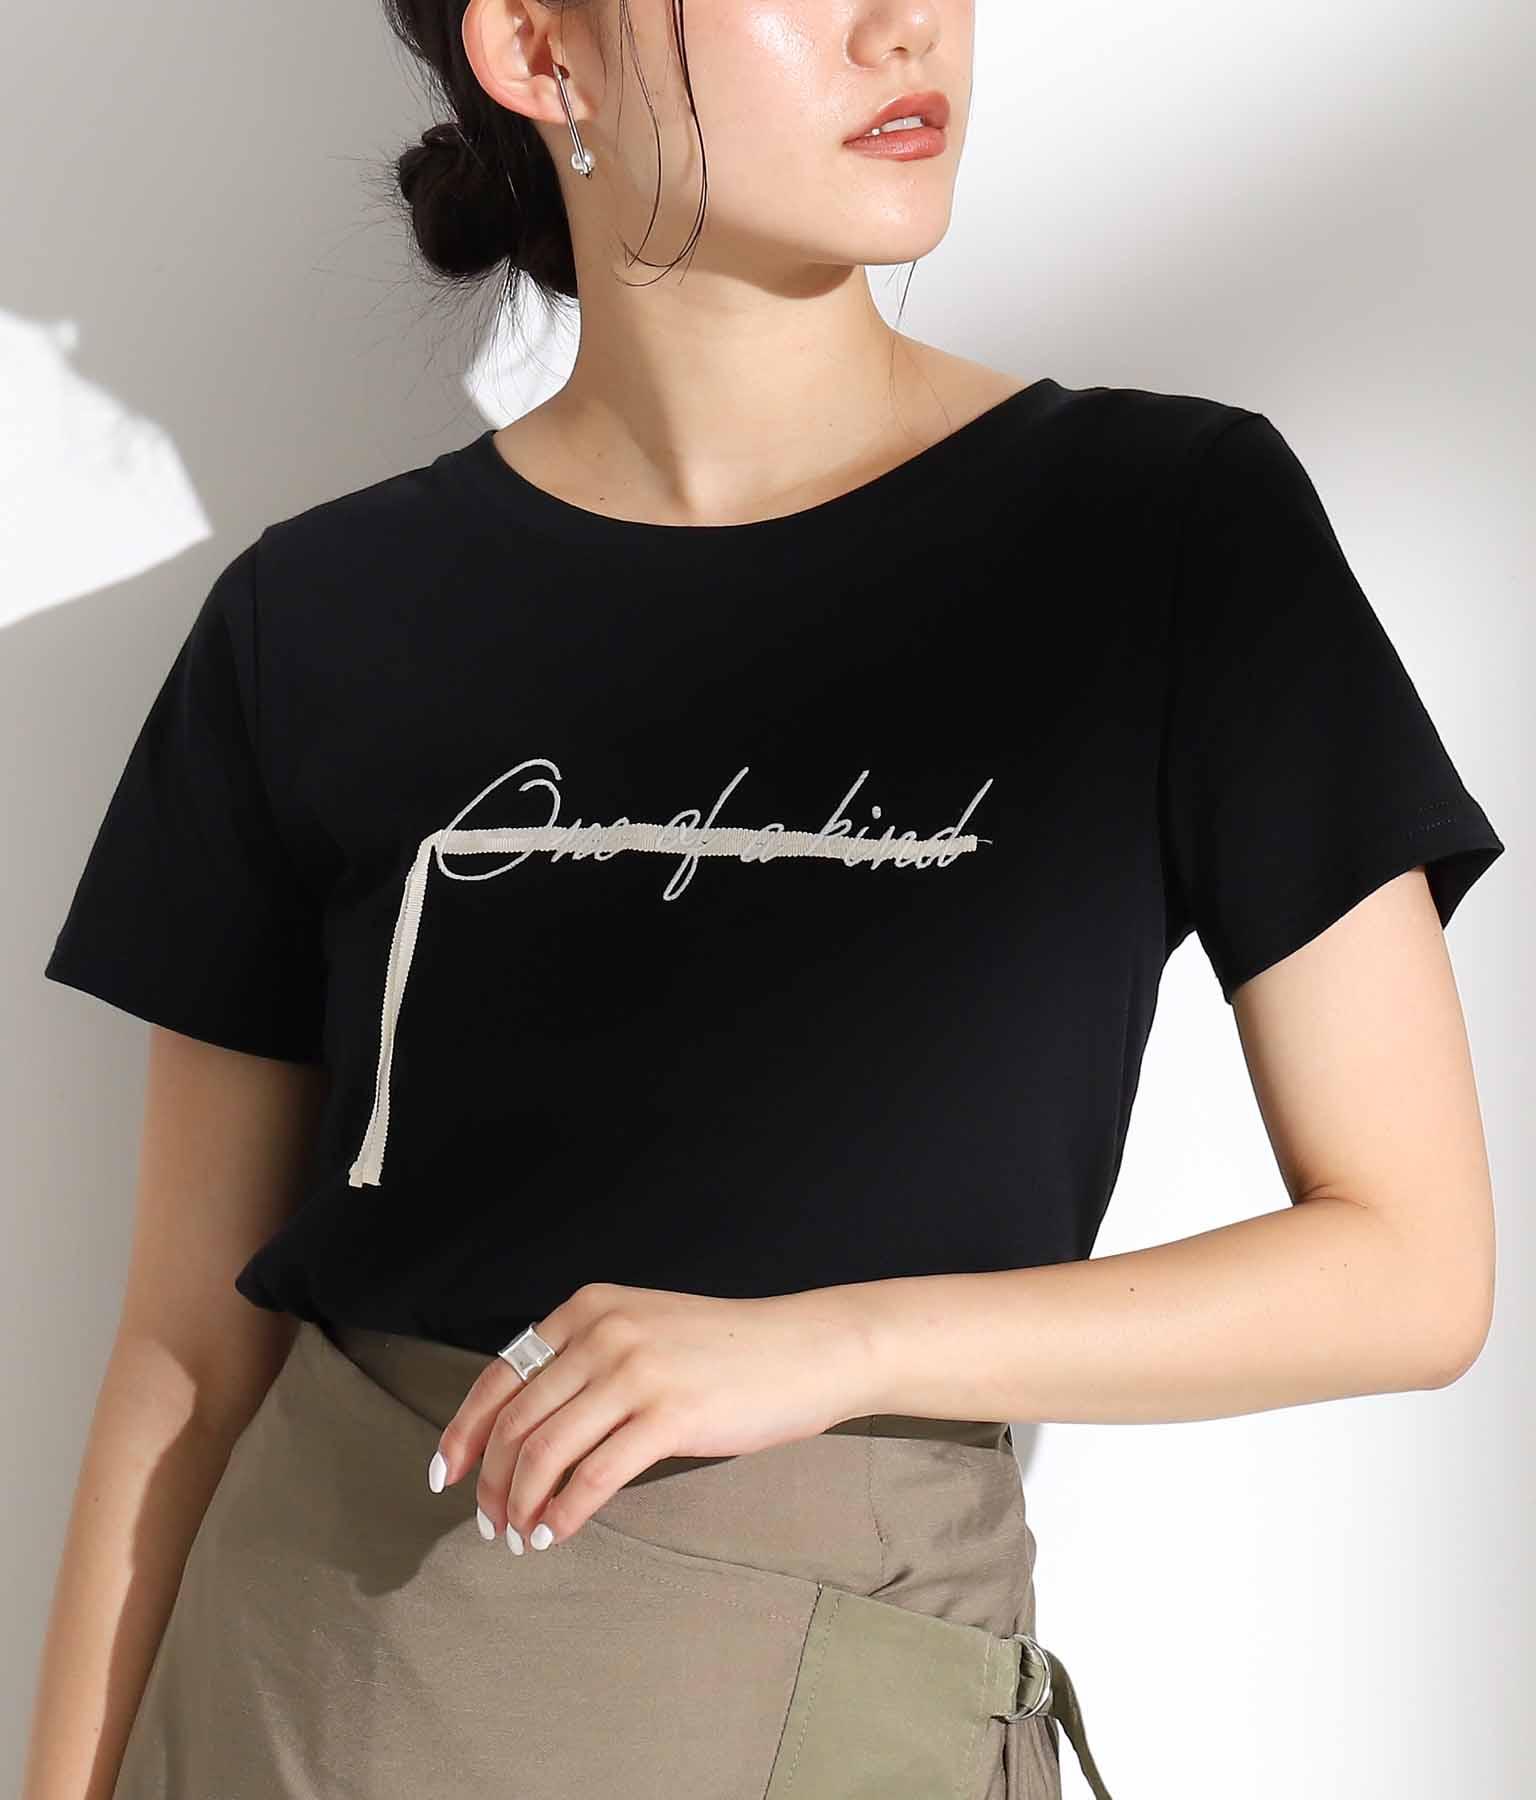 テープ×刺繍Tシャツ